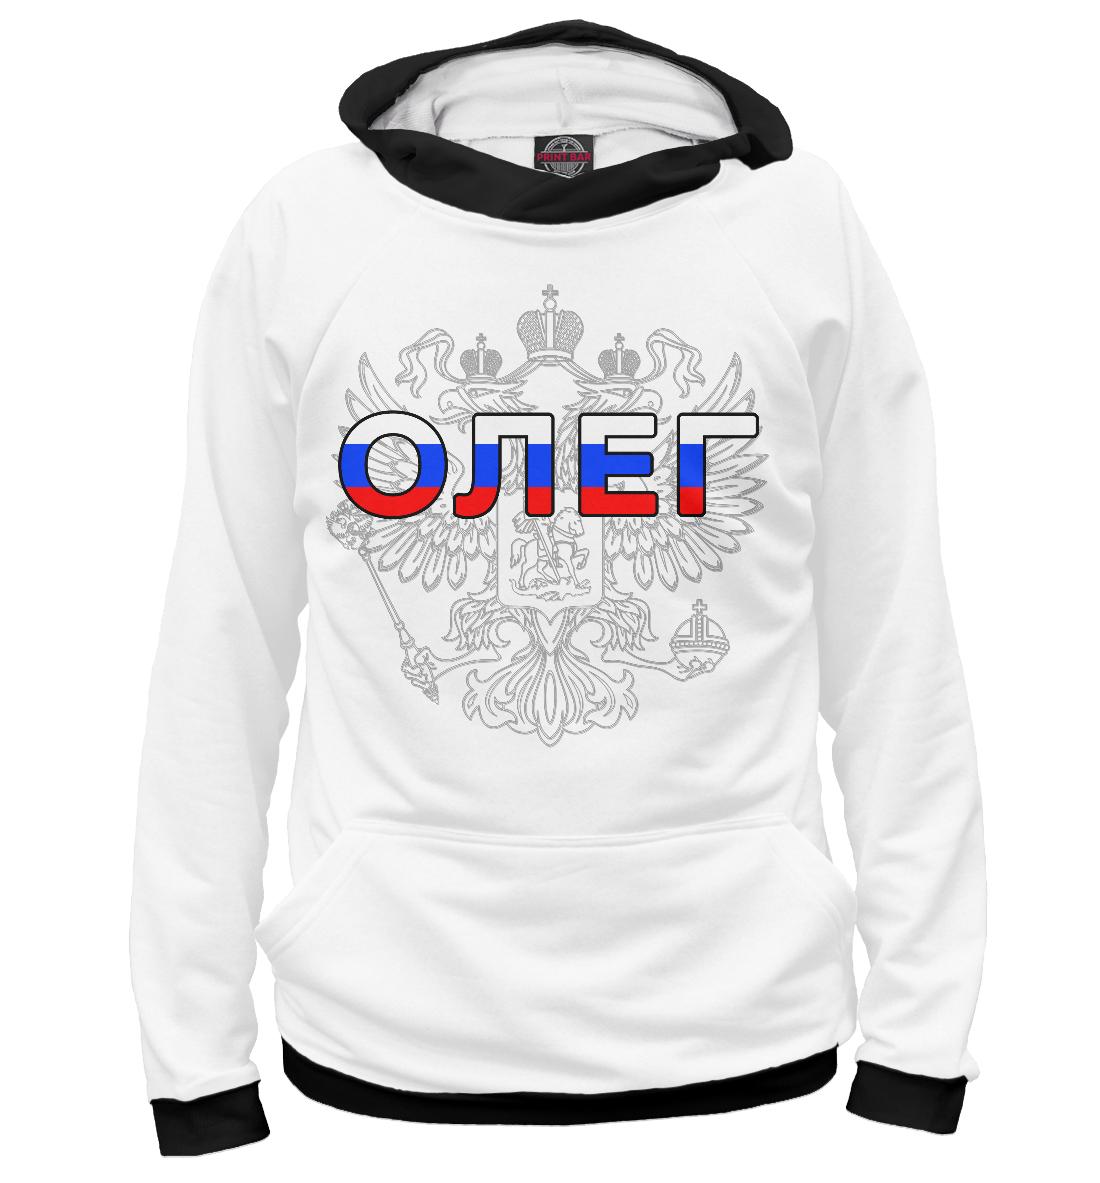 Купить Олег, Printbar, Худи, OLG-229473-hud-1